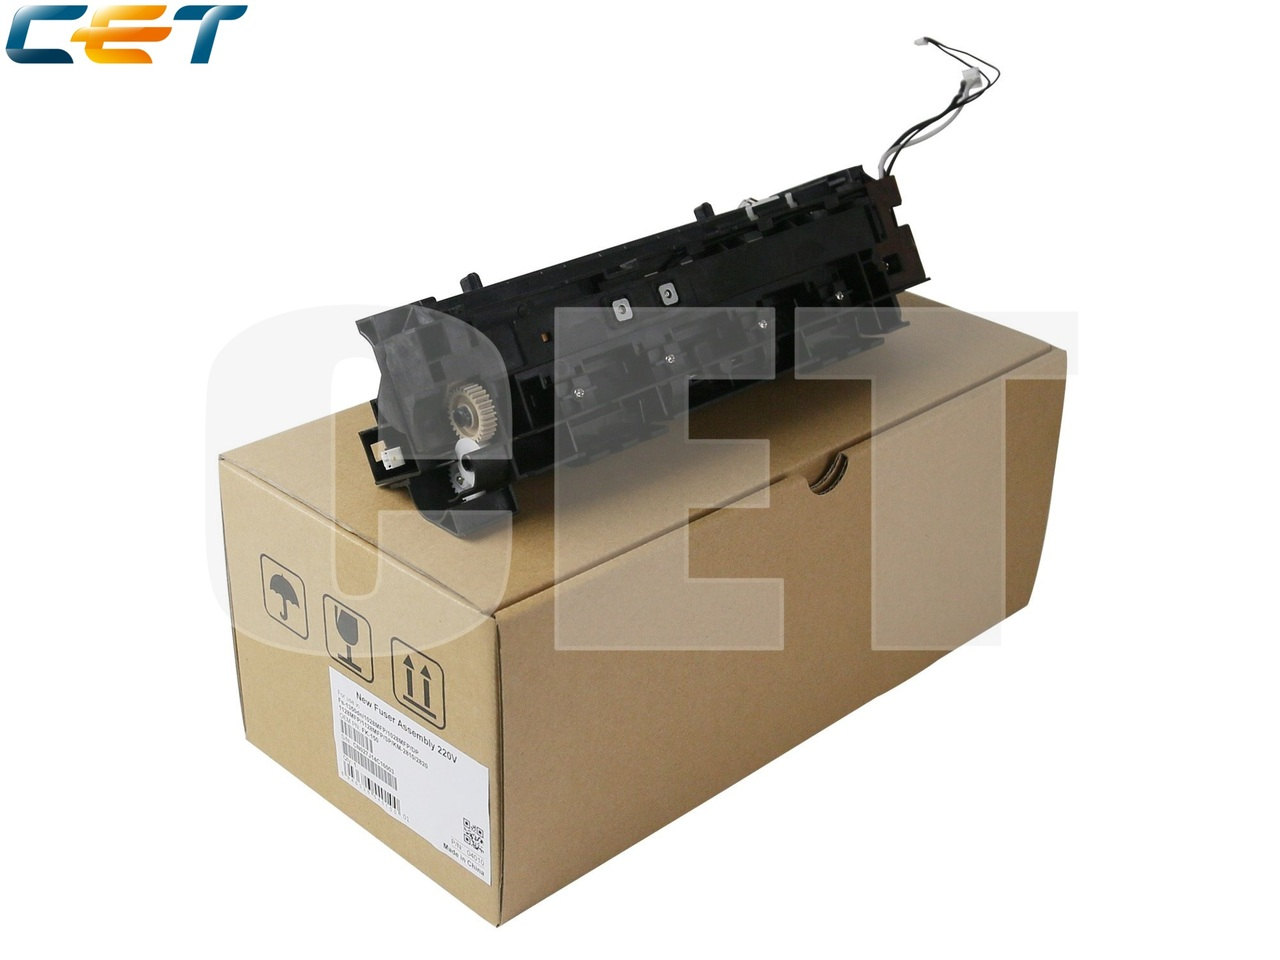 Фьюзер (печка) в сборе FK-150 для KYOCERAFS-1028MFP/1128MFP/1350DN (CET), CET4010